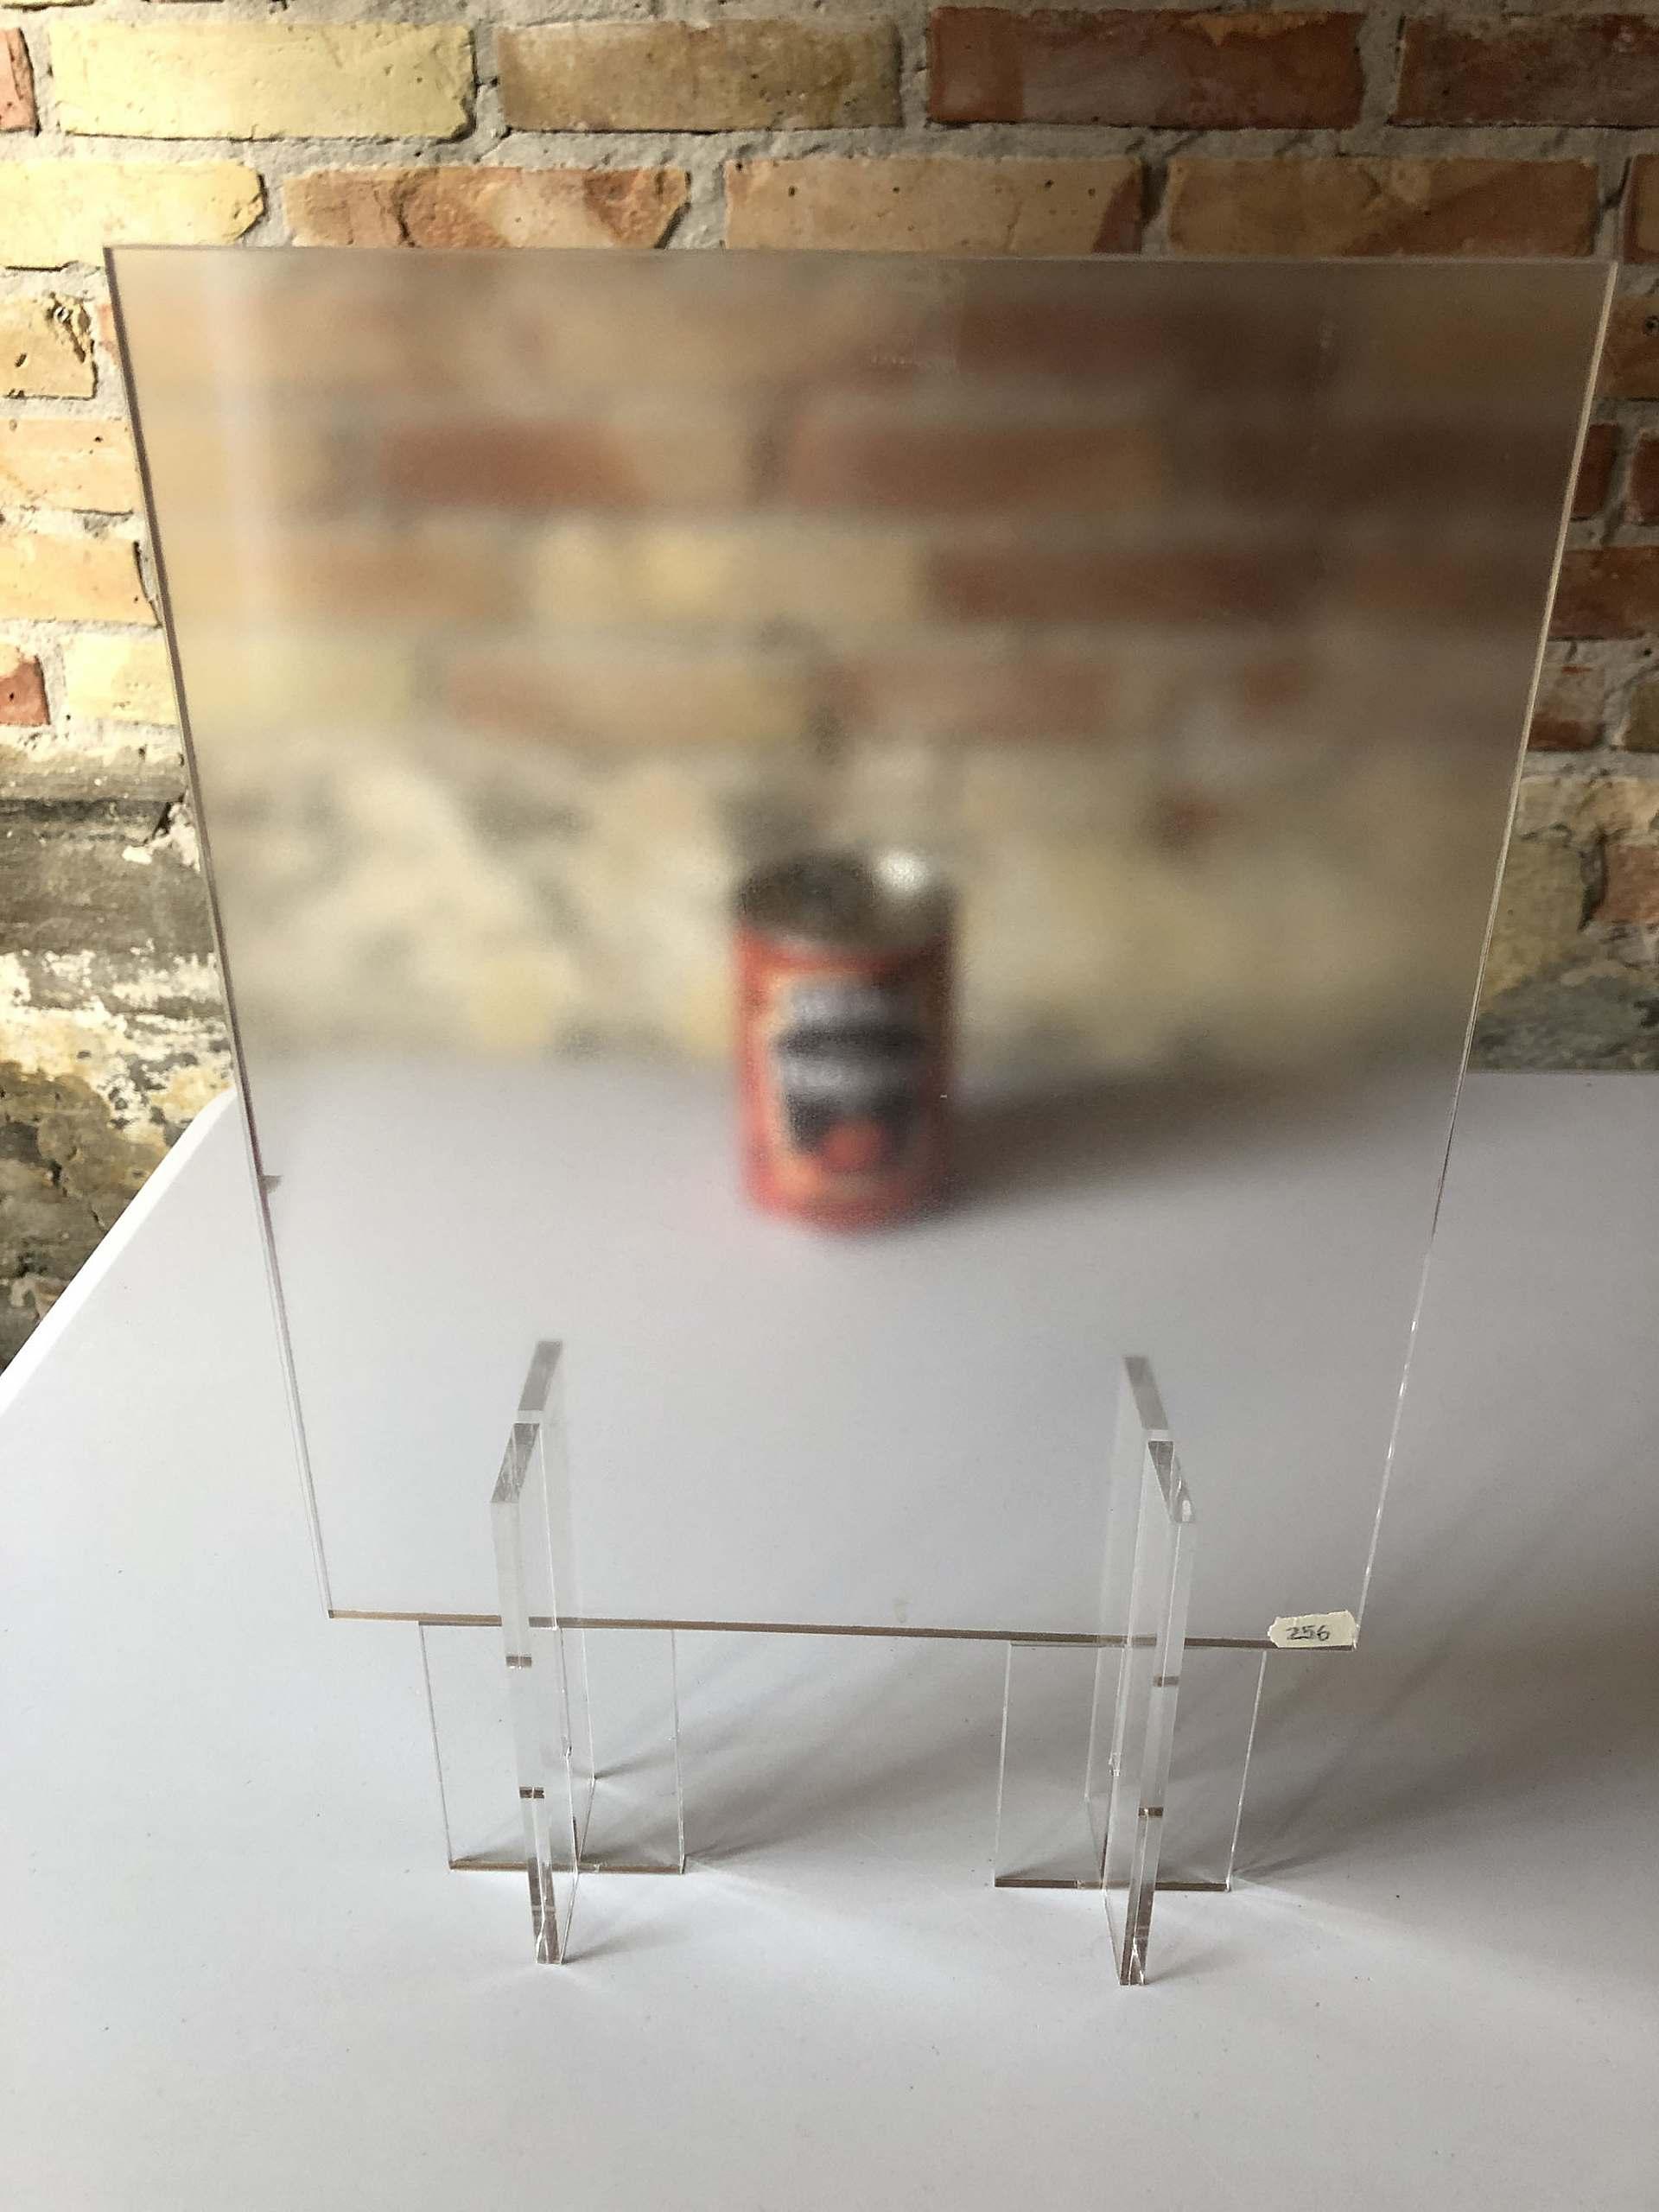 Forskning i transparente materialer